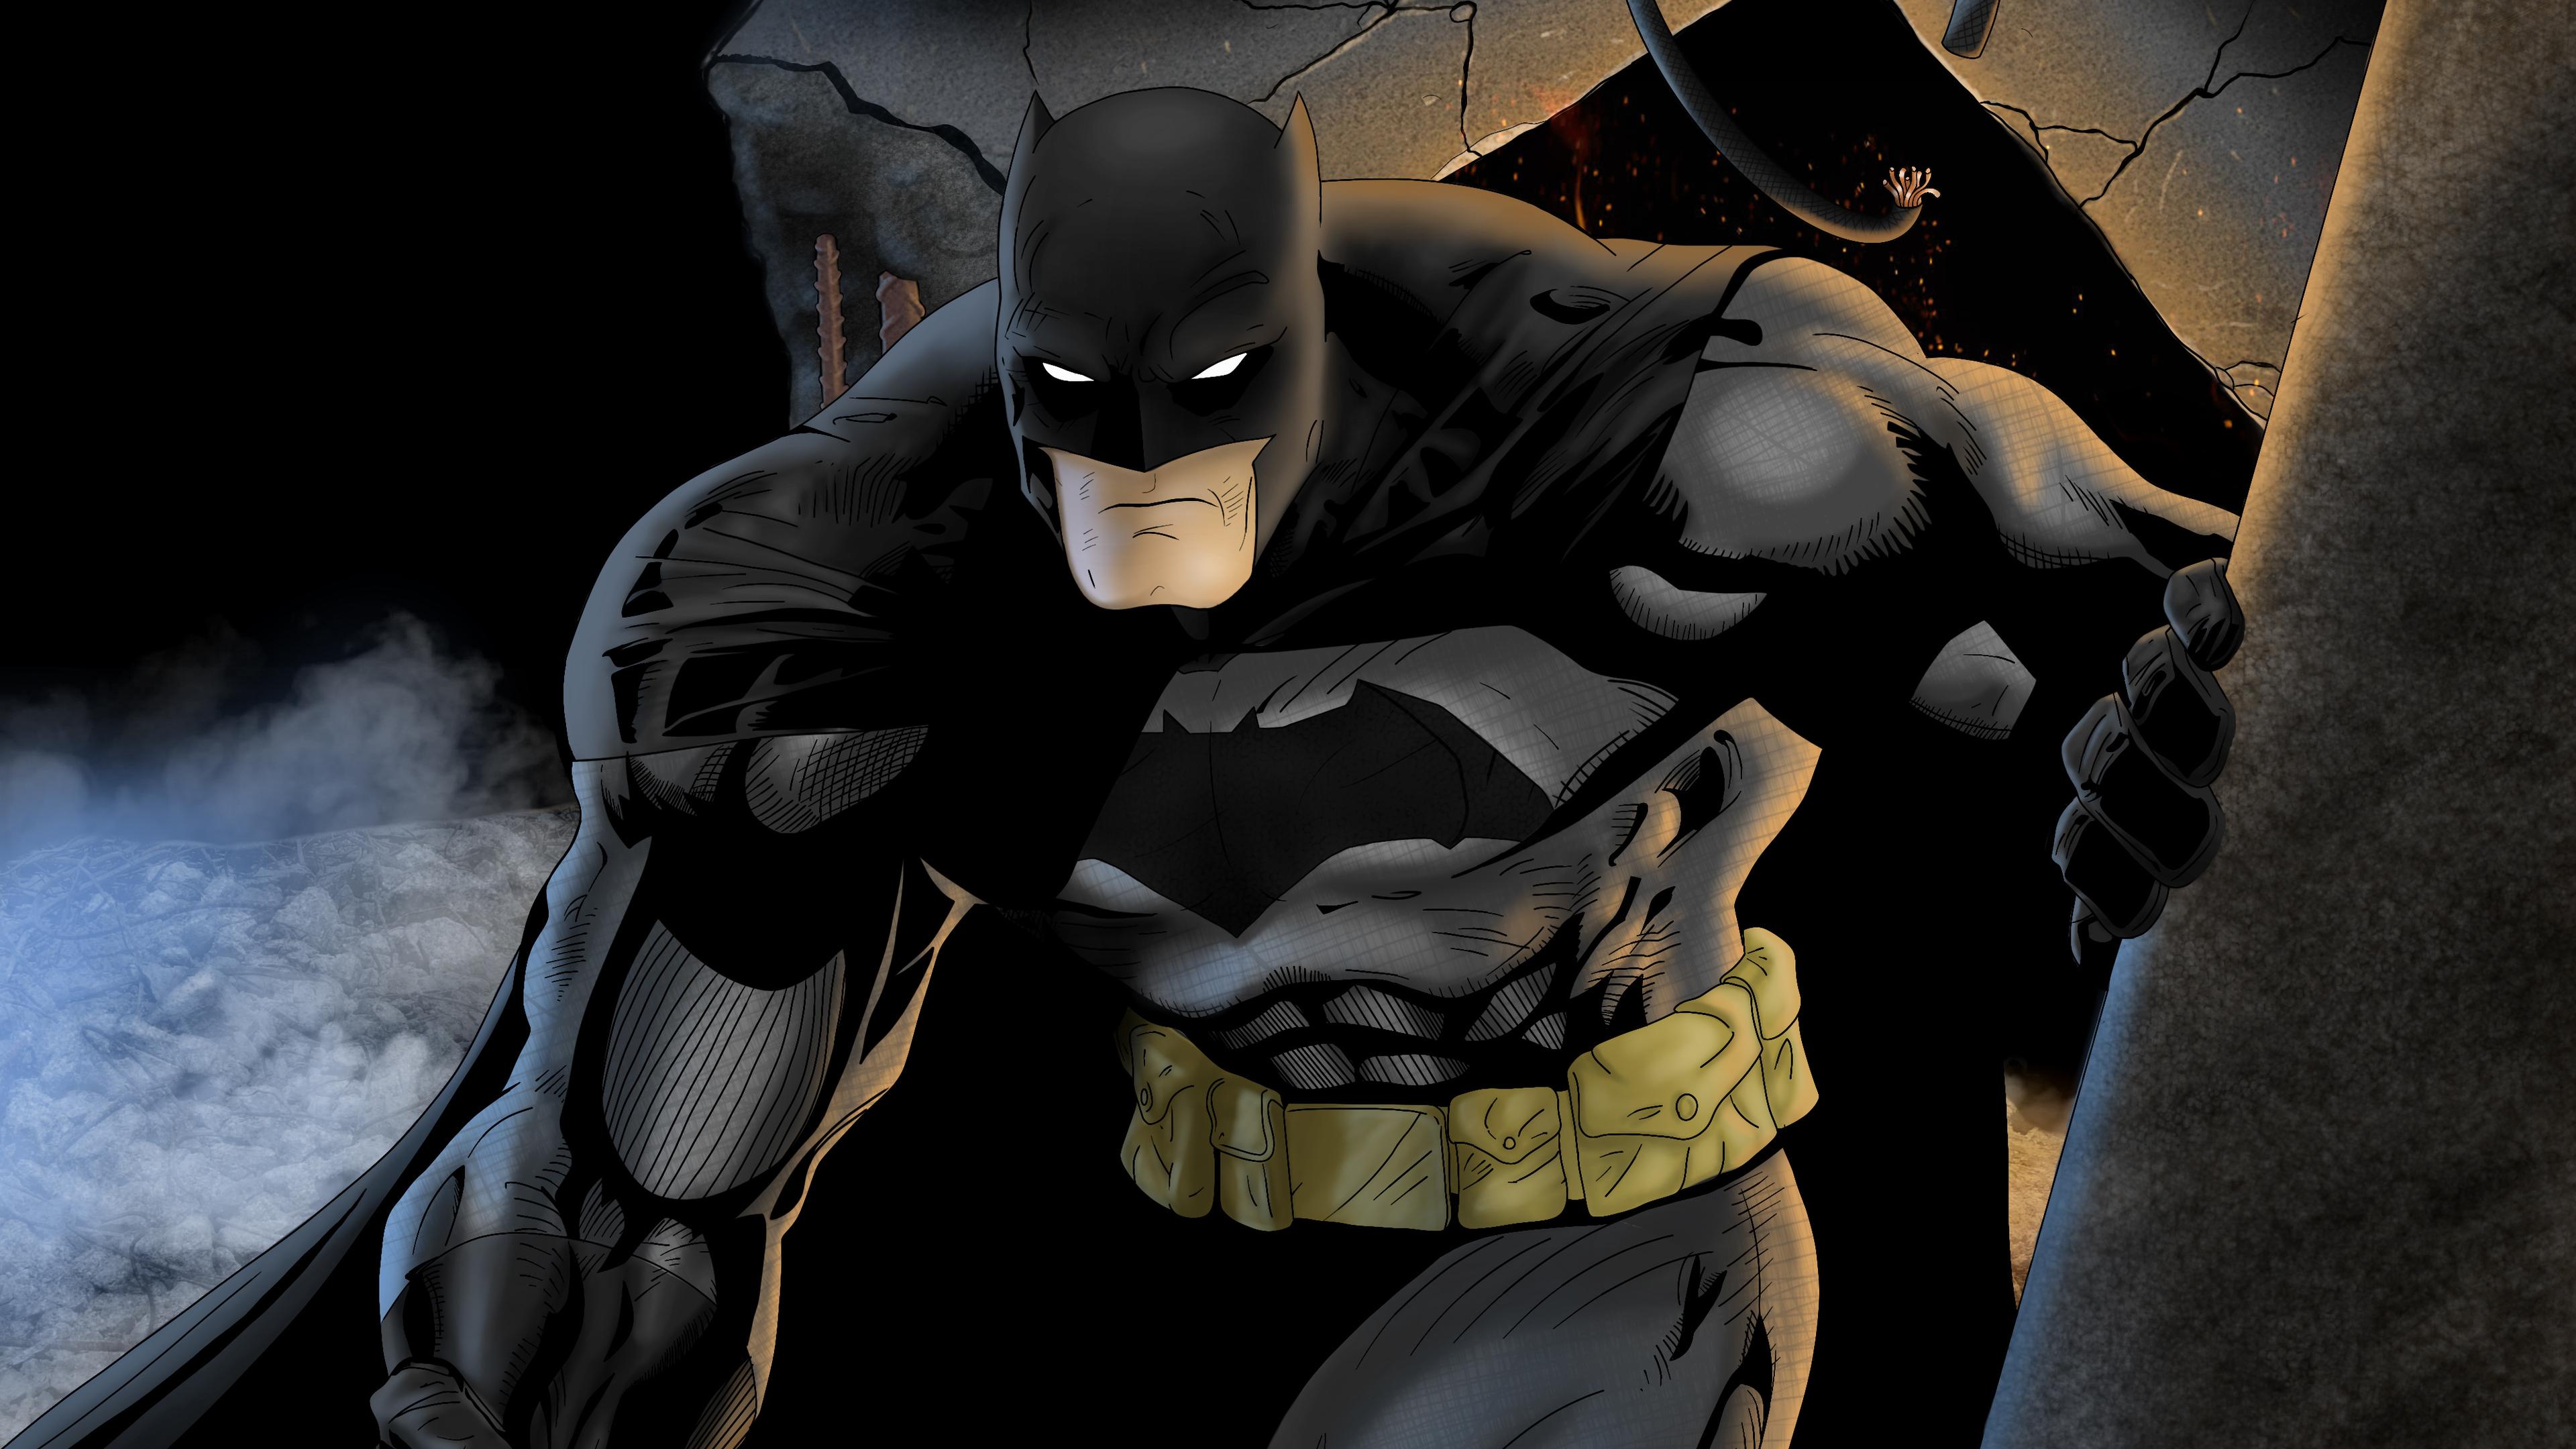 batman art 4k 1548526611 - Batman Art 4k - superheroes wallpapers, hd-wallpapers, digital art wallpapers, batman wallpapers, artwork wallpapers, artist wallpapers, 4k-wallpapers